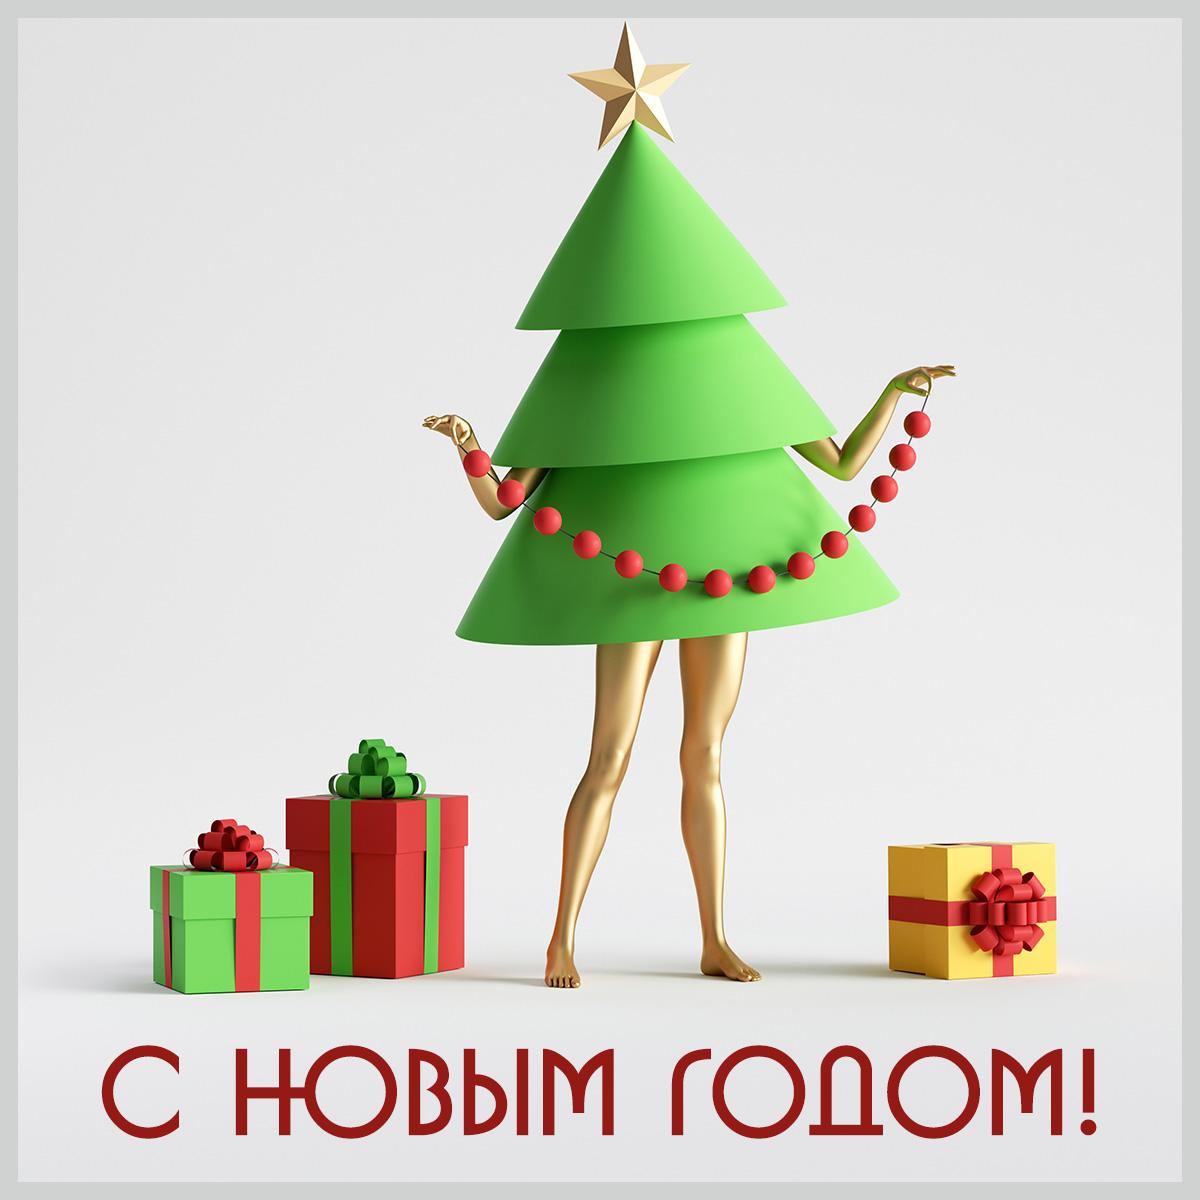 Картинка с надписью на открытки новогодние прикольные с объёмной ёлкой с женскими ногами и подарками в разноцветных коробках.